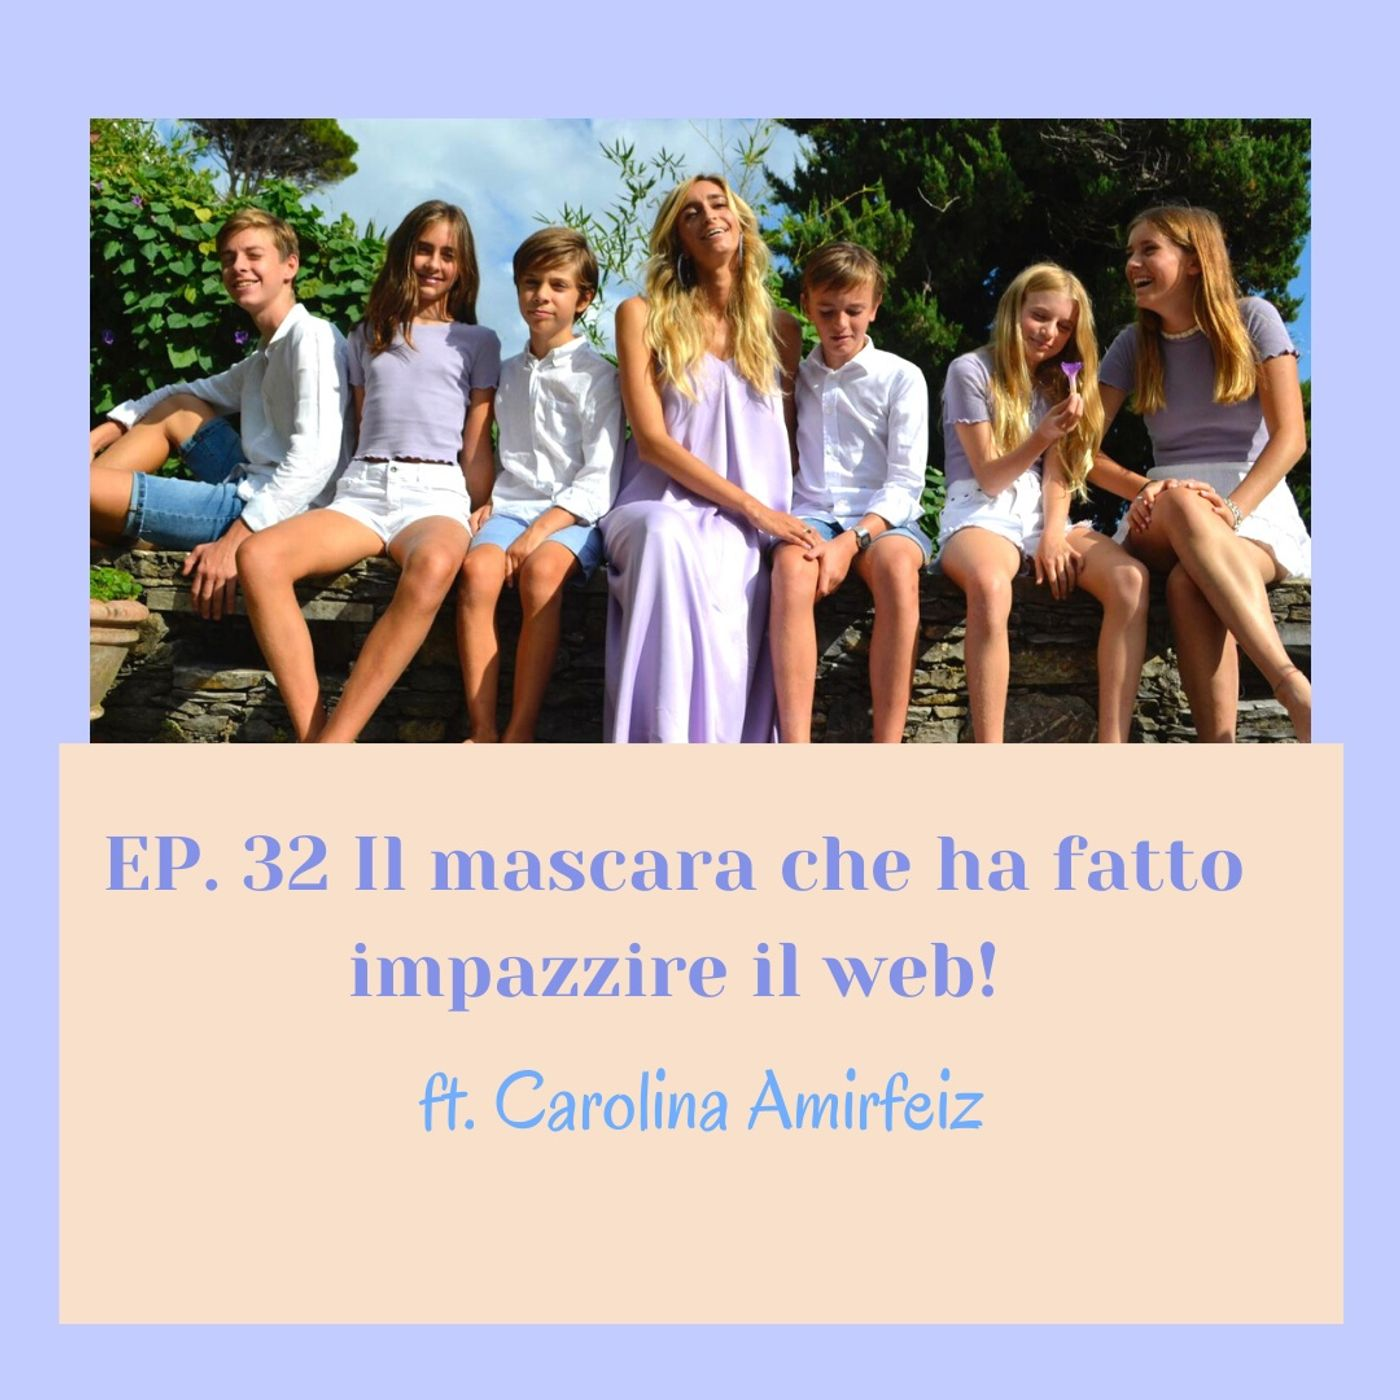 Ep.32 Il mascara che ha fatto impazzire il web! ft. Carolina Amirfeiz Founder di Blondesister